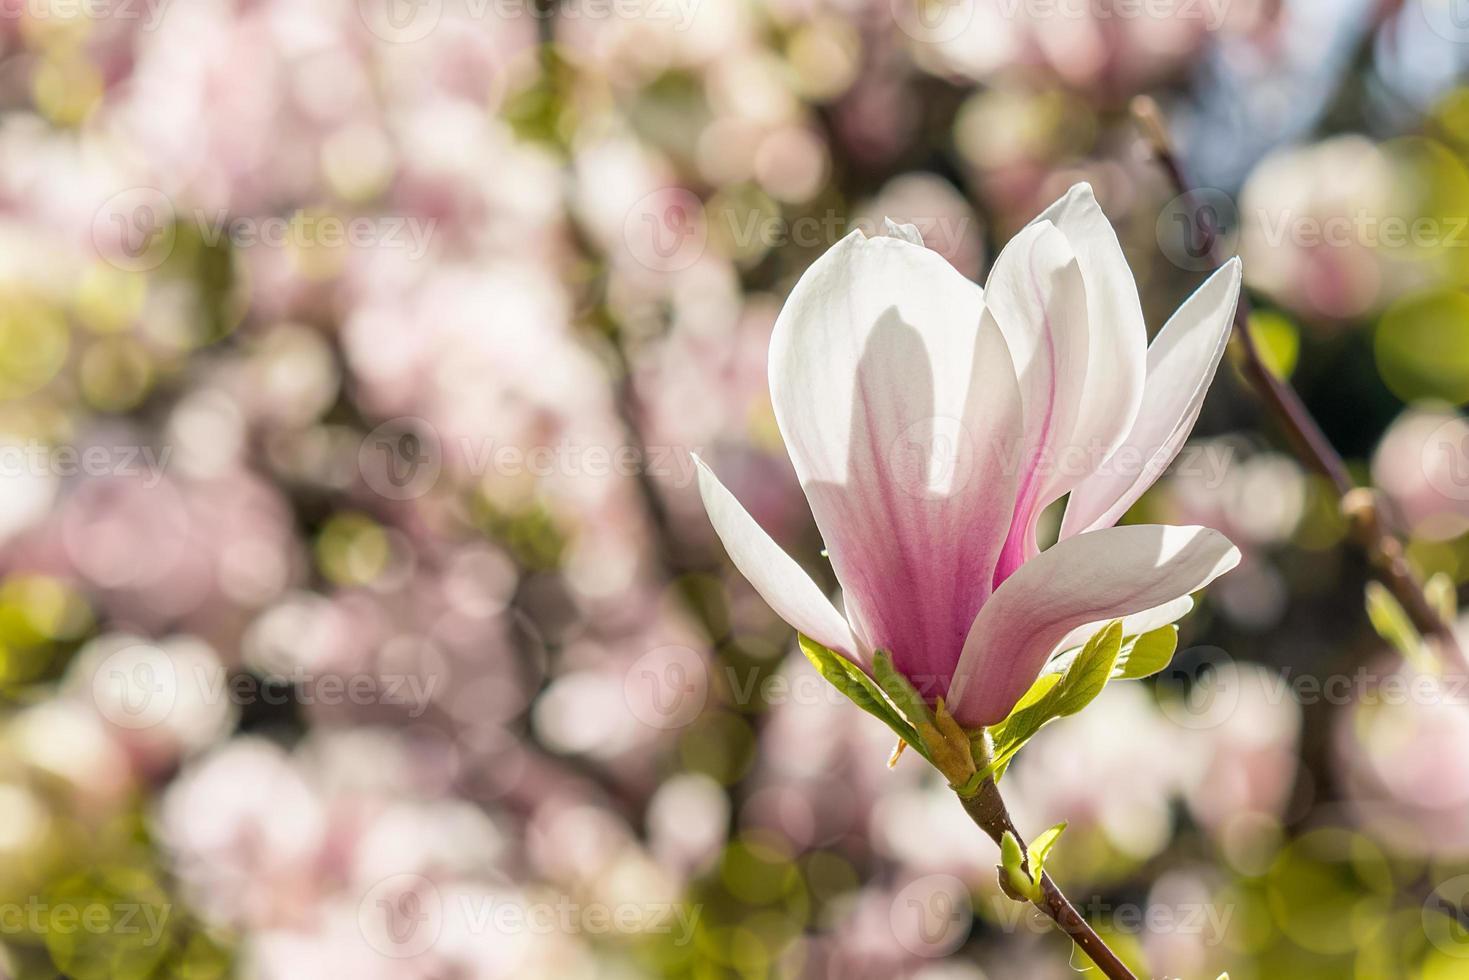 flores de magnólia em um fundo desfocado foto